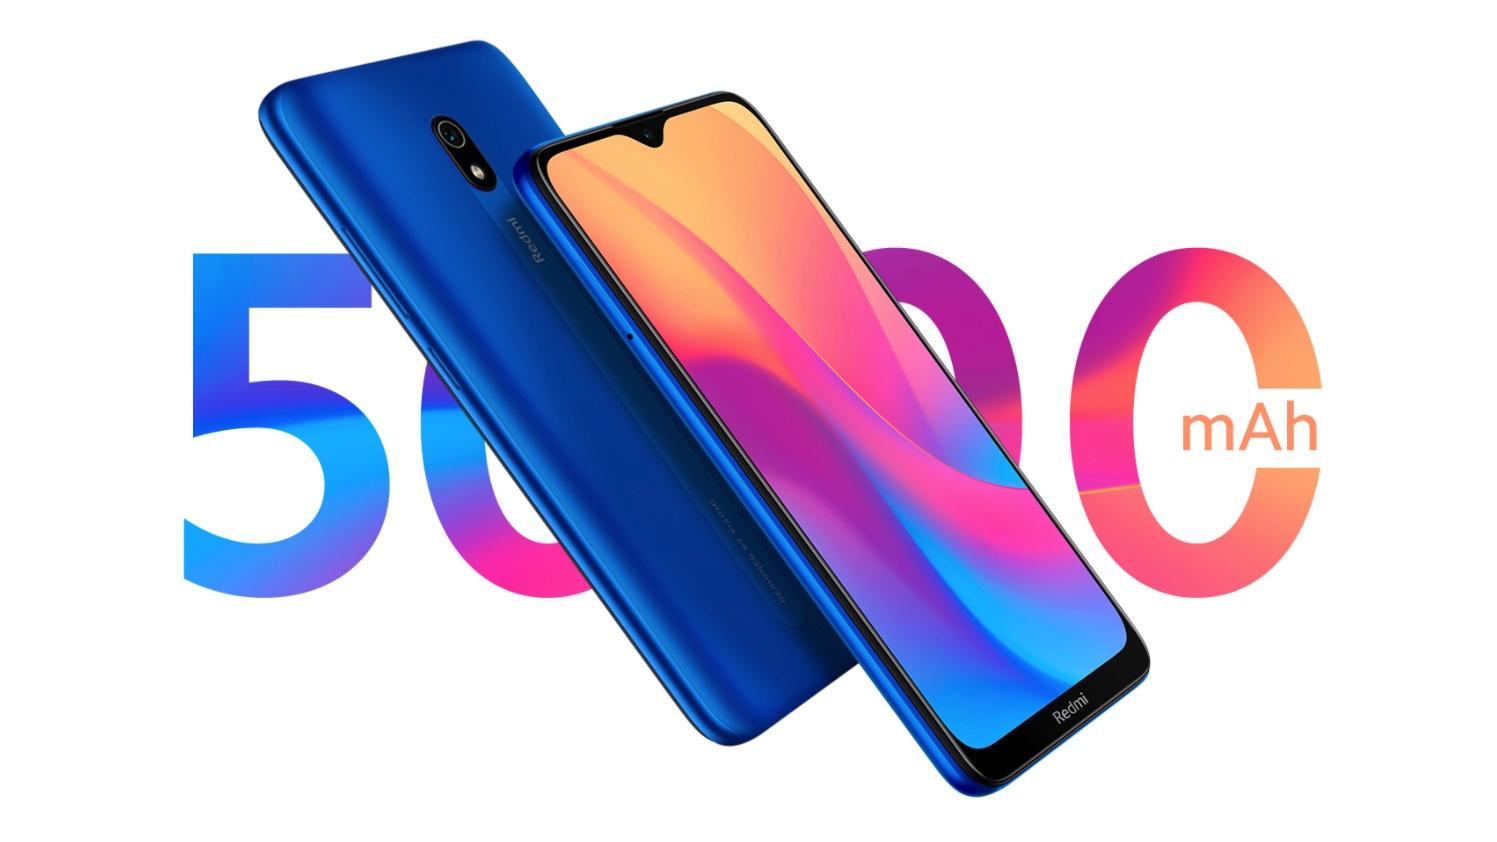 فروش عمده ردمی 8 ای با ظرفیت 32 گیگابایت و رم 2 گیگابایت. ... مشخصات گوشی موبایل Xiaomi Redmi 8A - 32GB. مشخصات عمومی گوشی شیائومی ردمی 8A ...